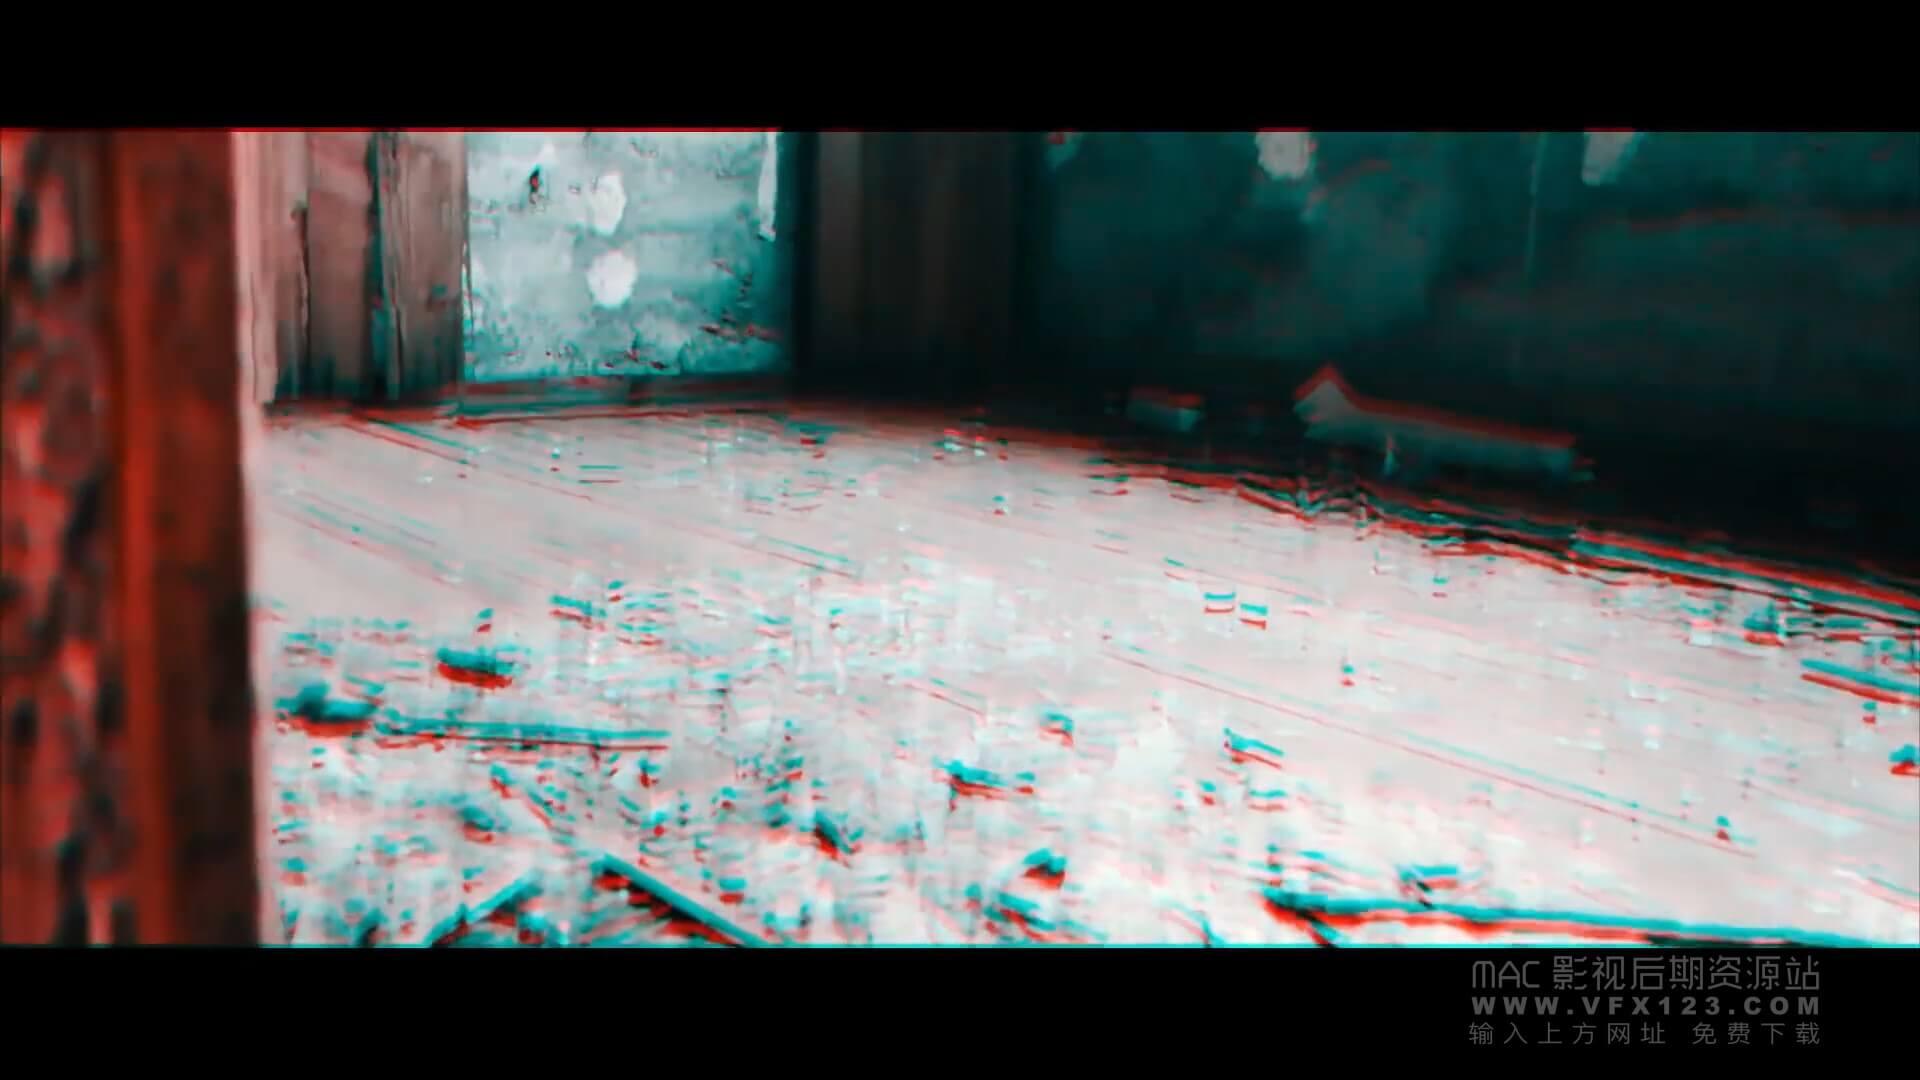 视频干扰效果 Vlog视频制作工具 Glitch Effects Pack FCPX插件